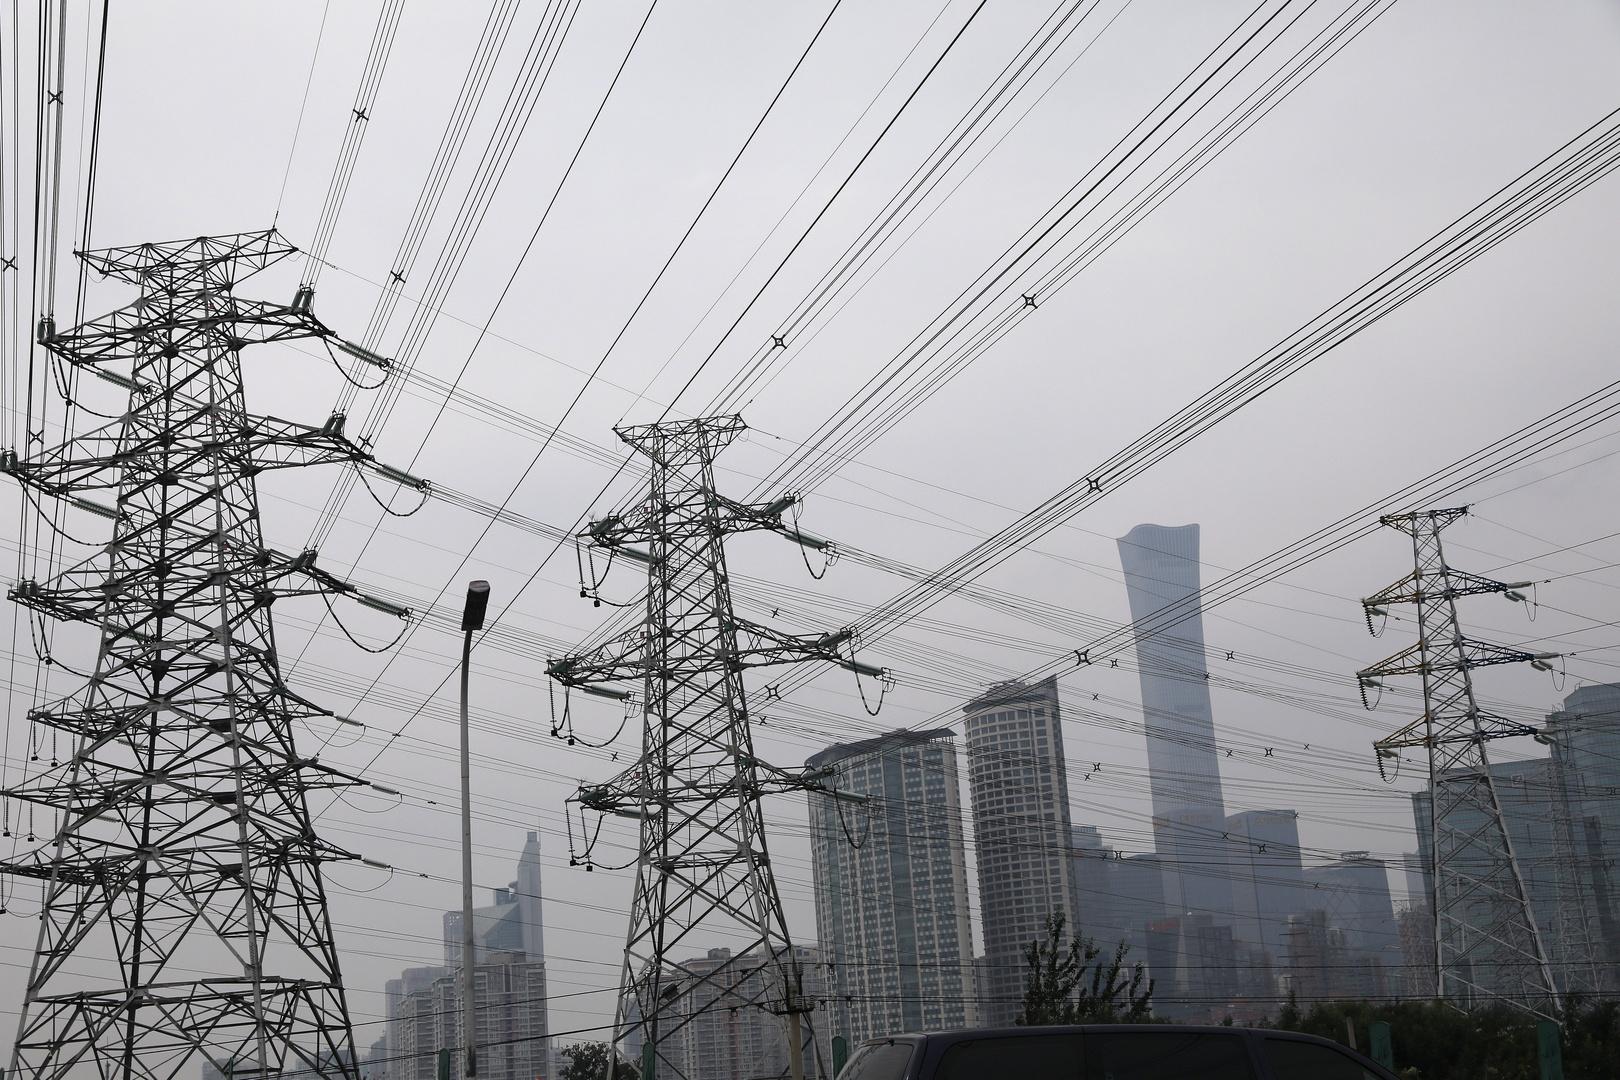 الصين.. أكثر من 20 ولاية في المقاطعات الصناعية تعاني من انقطاع الكهرباء ما يهدد النمو الاقتصادي